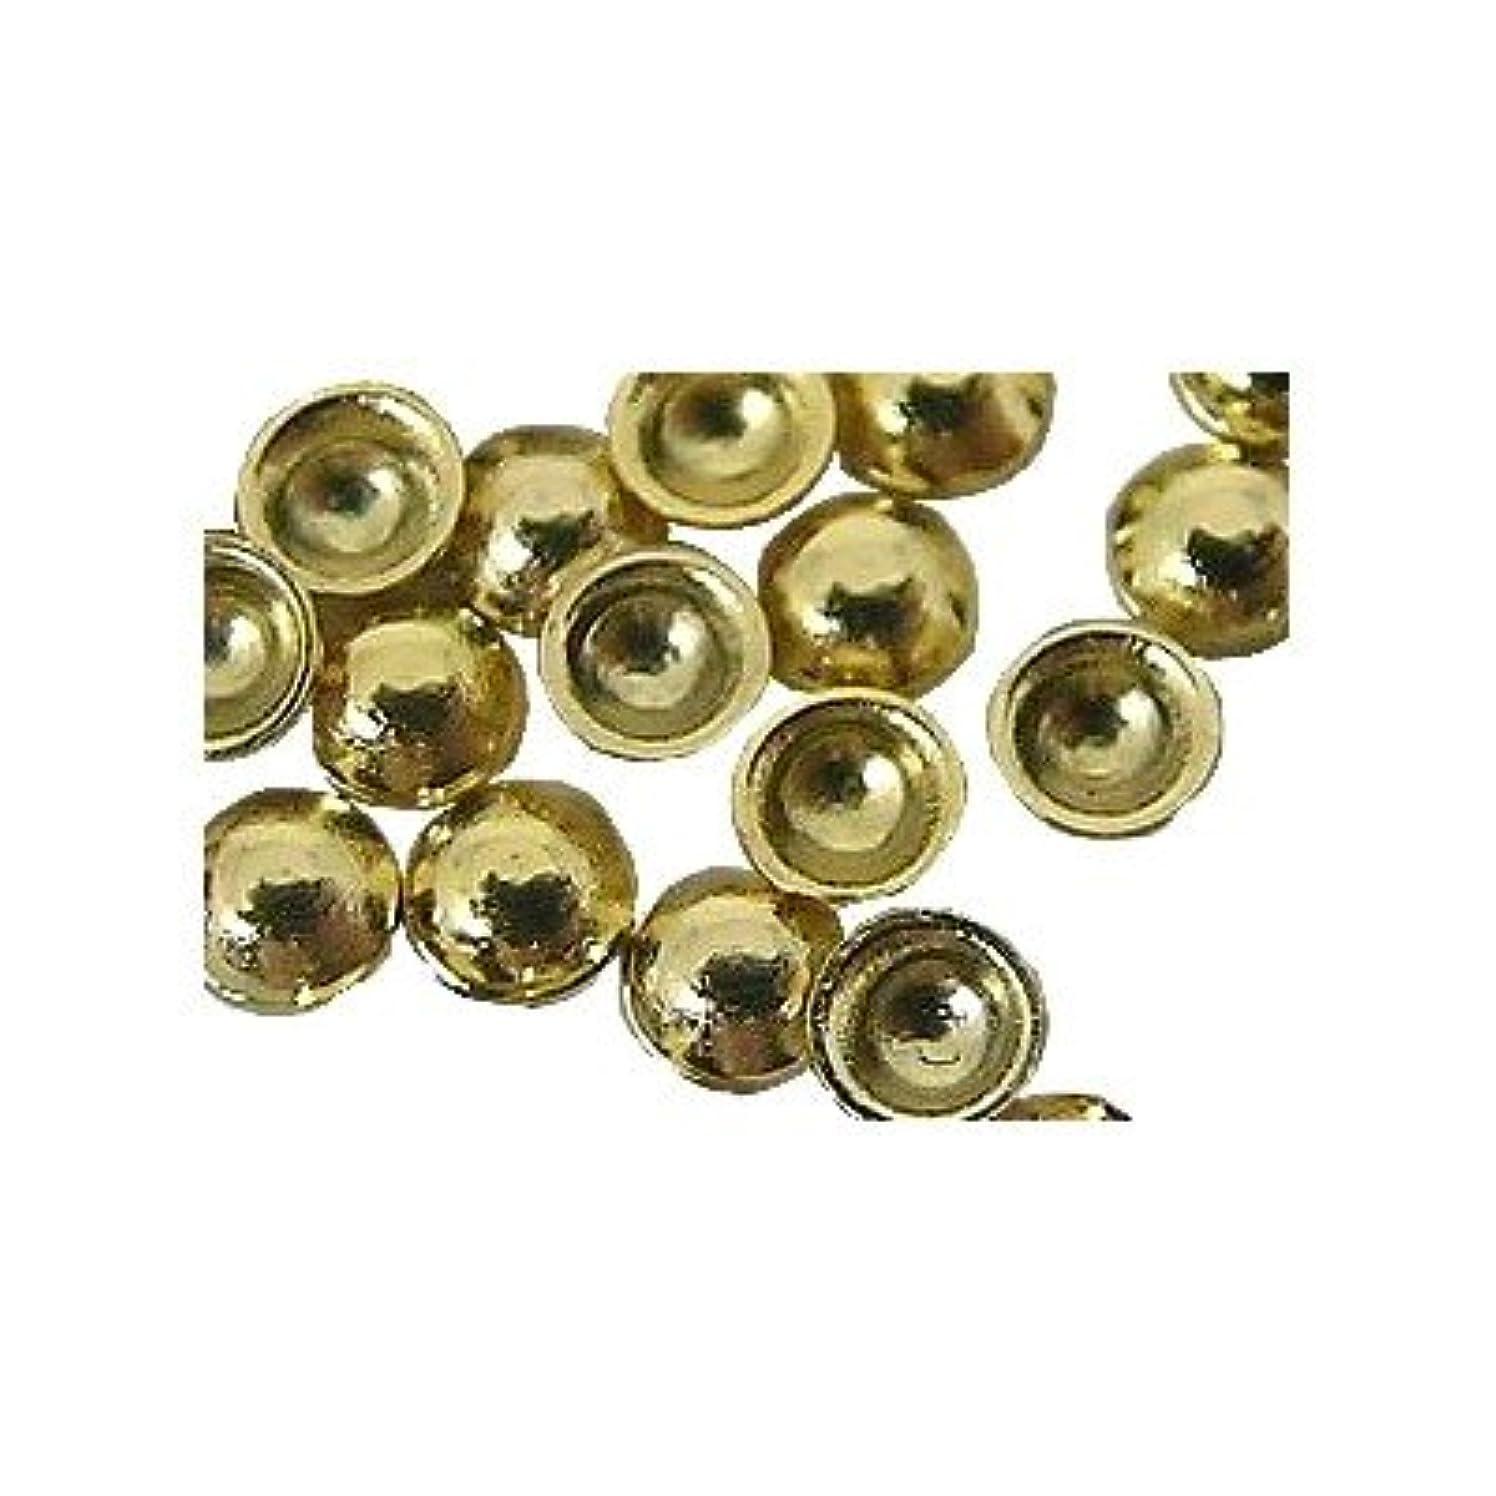 ピアドラ スタッズ 2.0mm 100P ゴールド